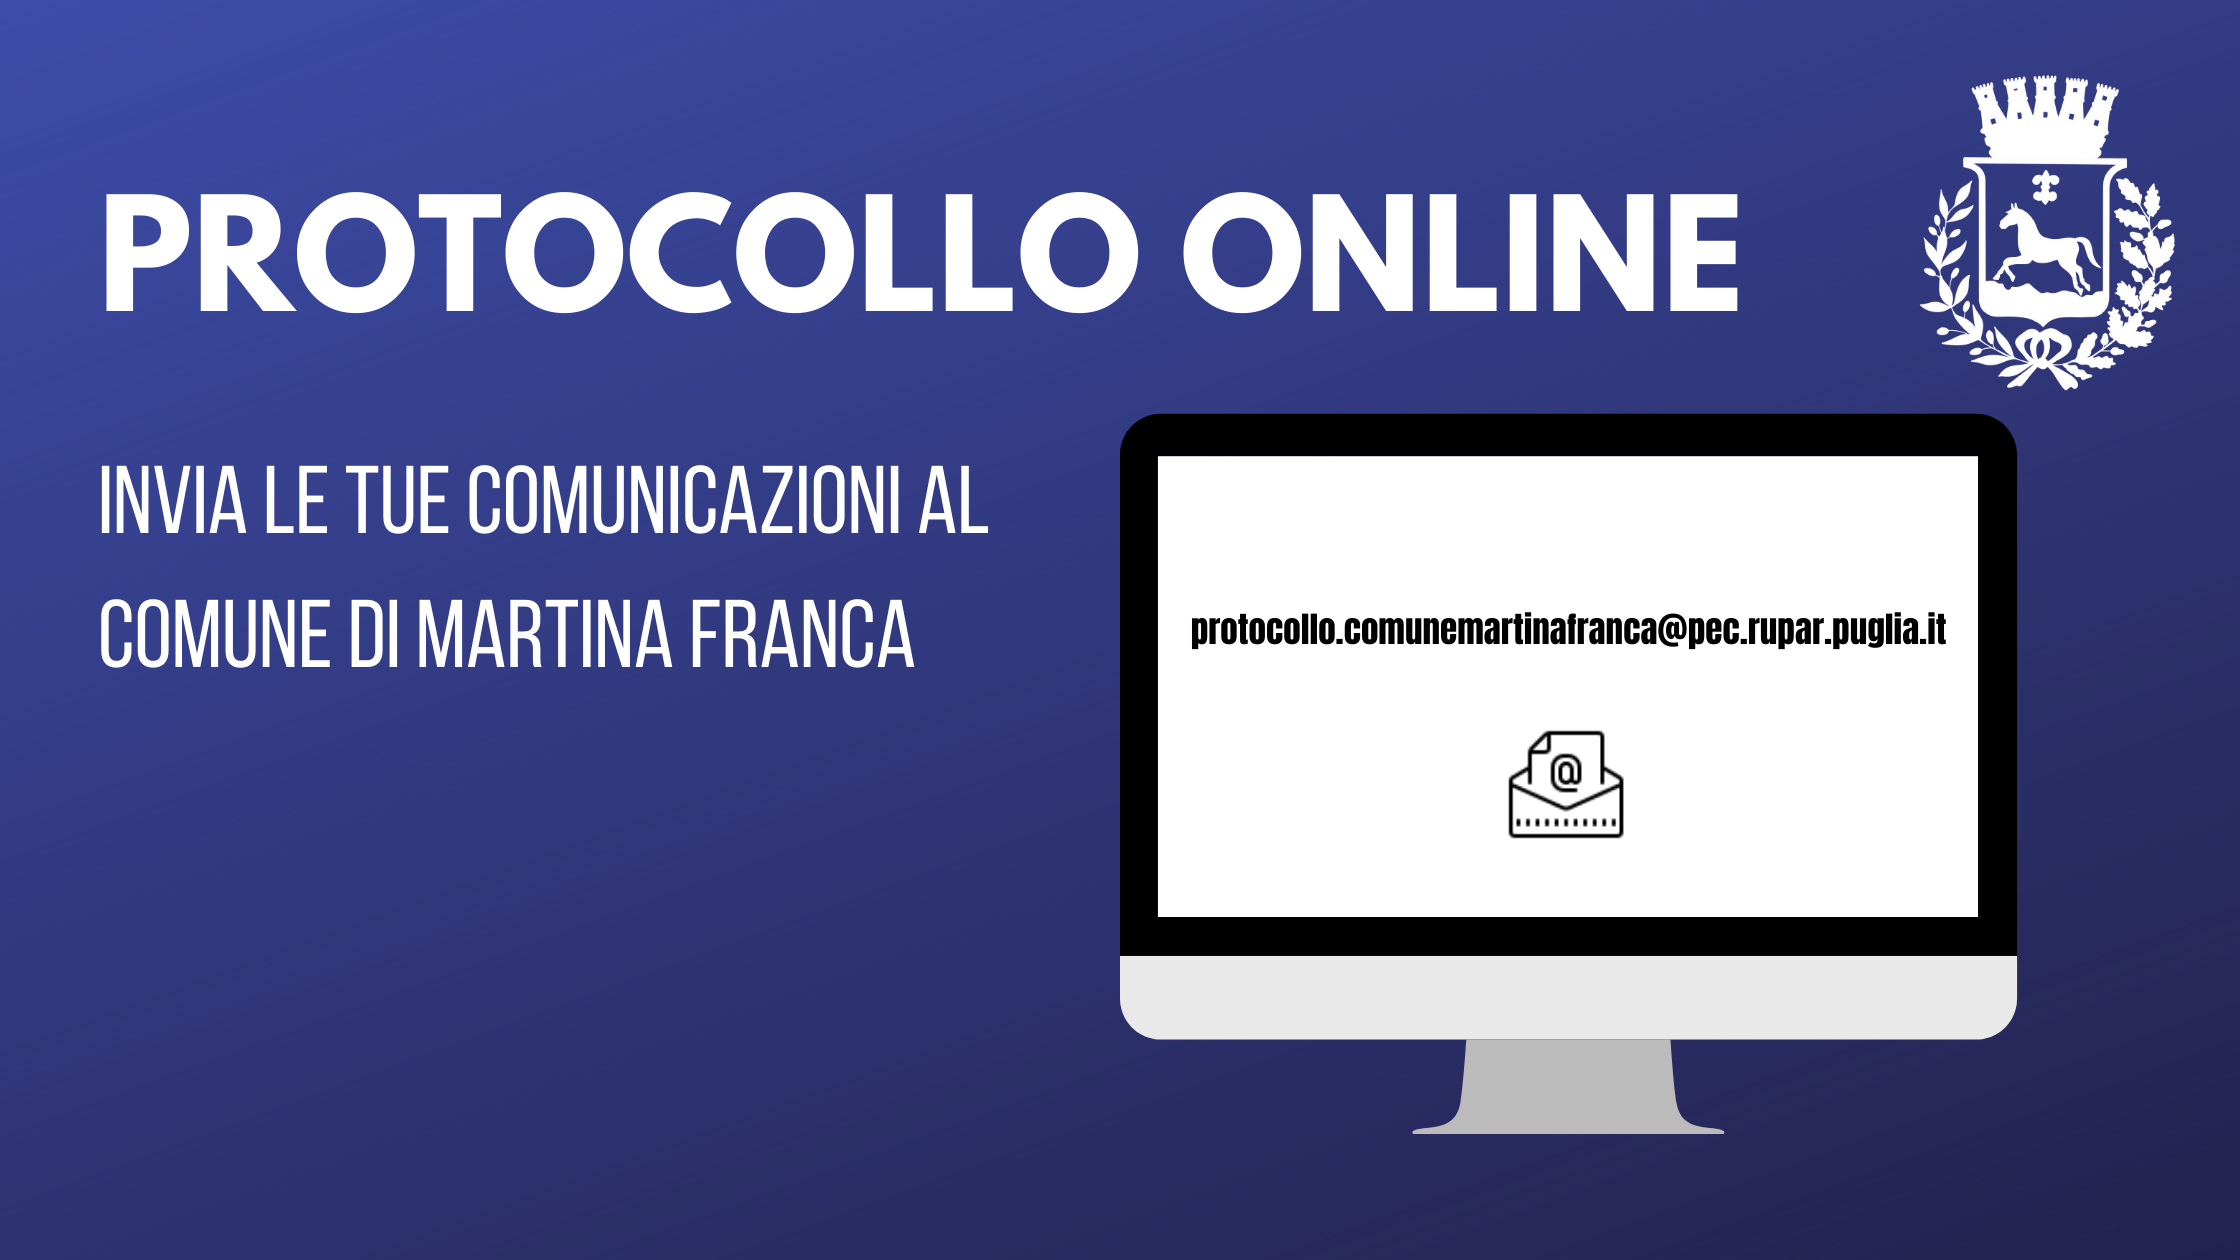 protocollo online